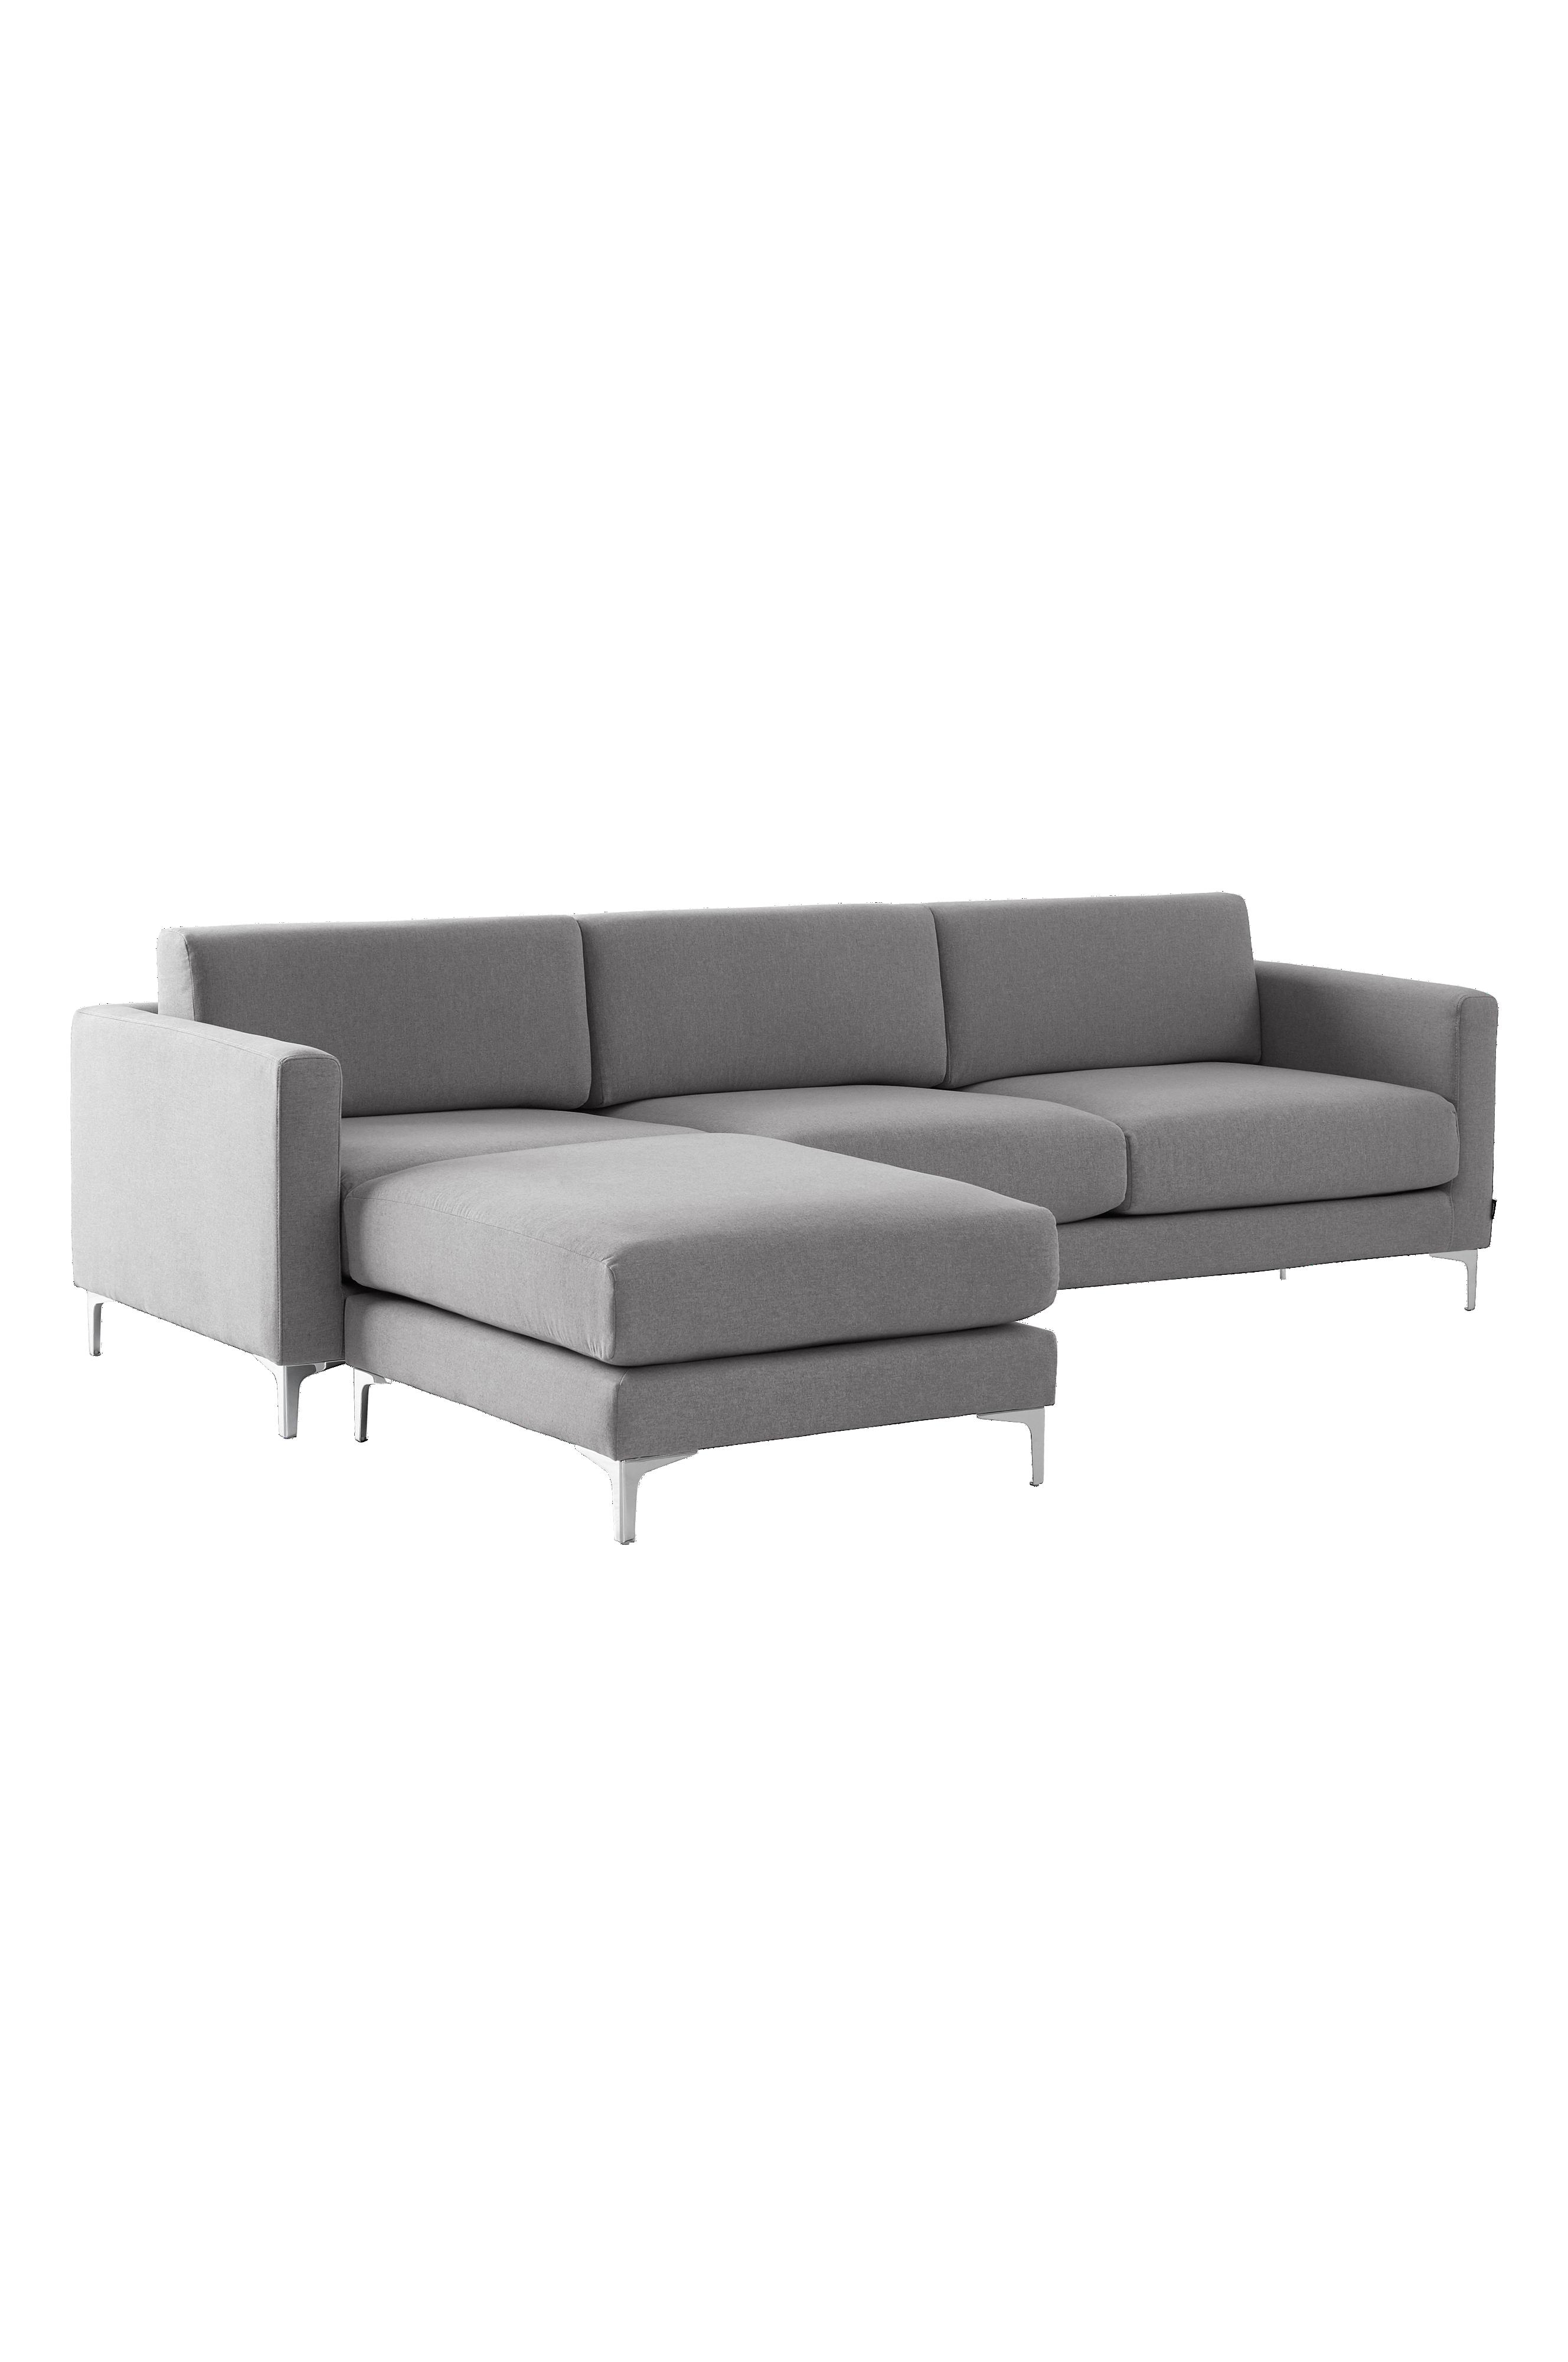 new york new york sofa 3 seter divan gr m bler. Black Bedroom Furniture Sets. Home Design Ideas